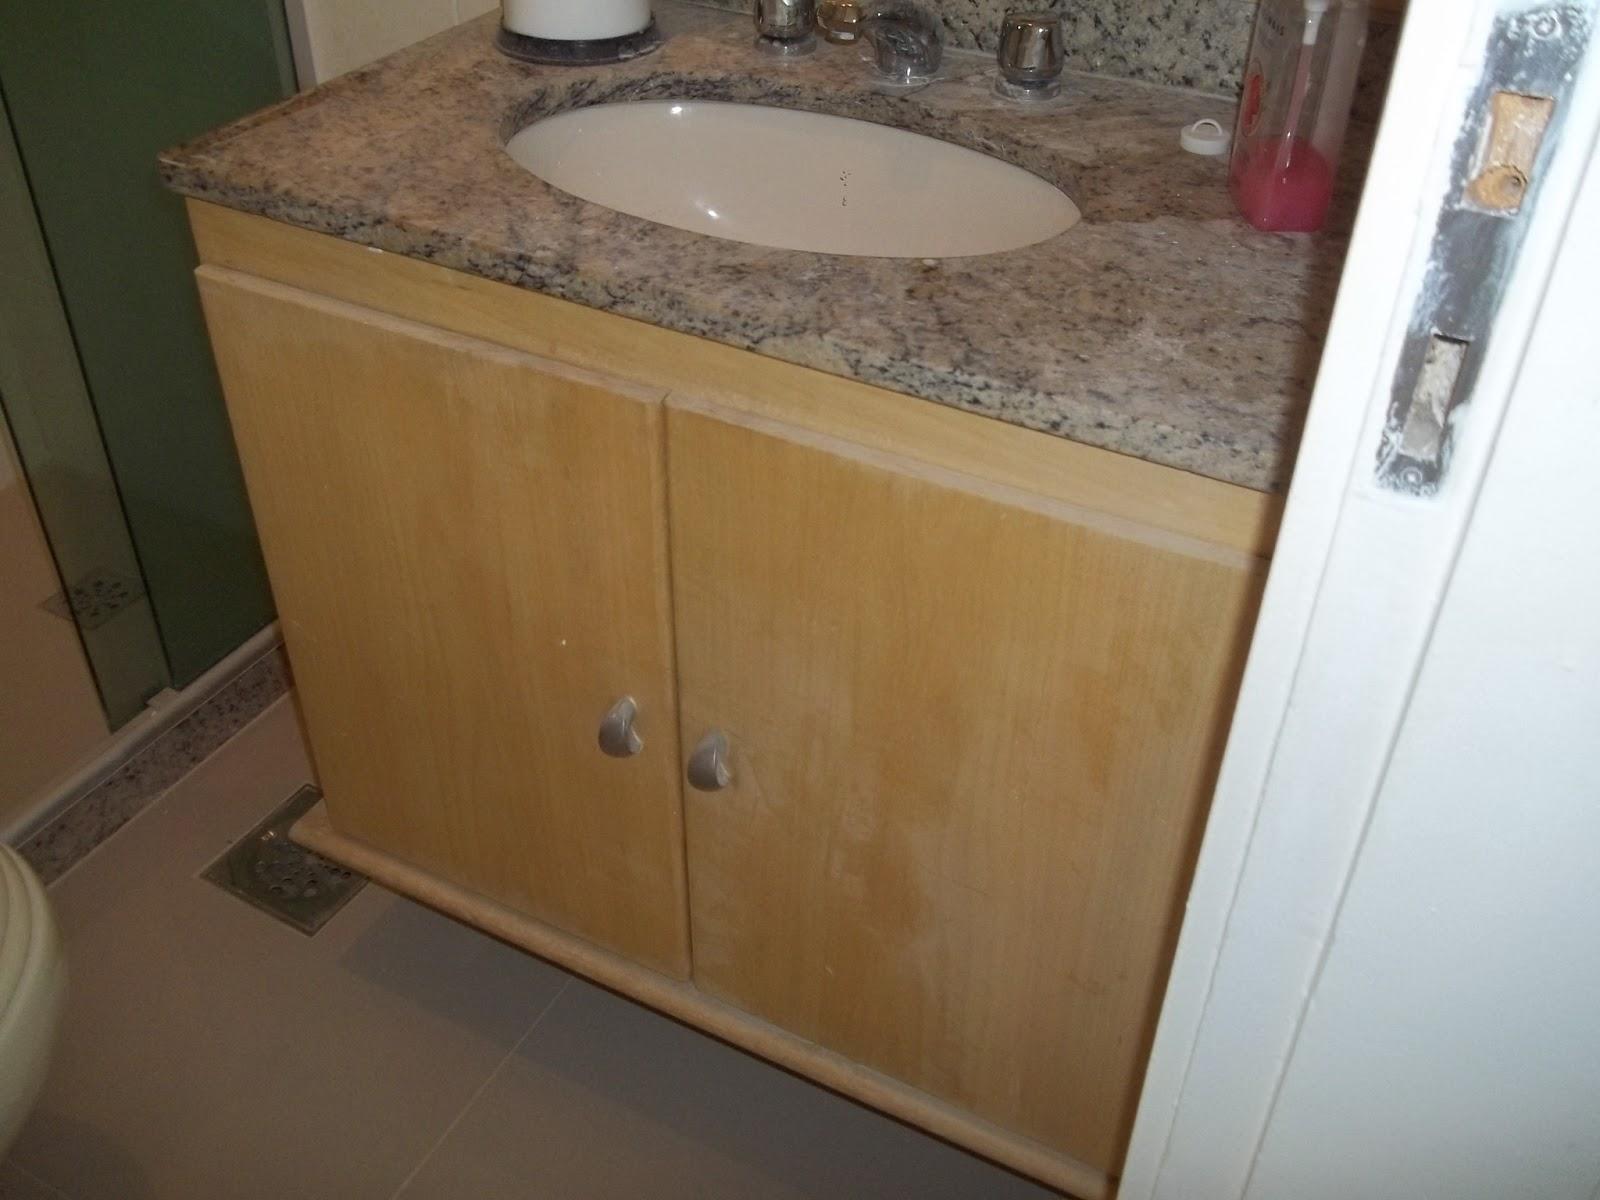 Envelopatudo.com.br: Envelopamento em armários de banheiro #836741 1600x1200